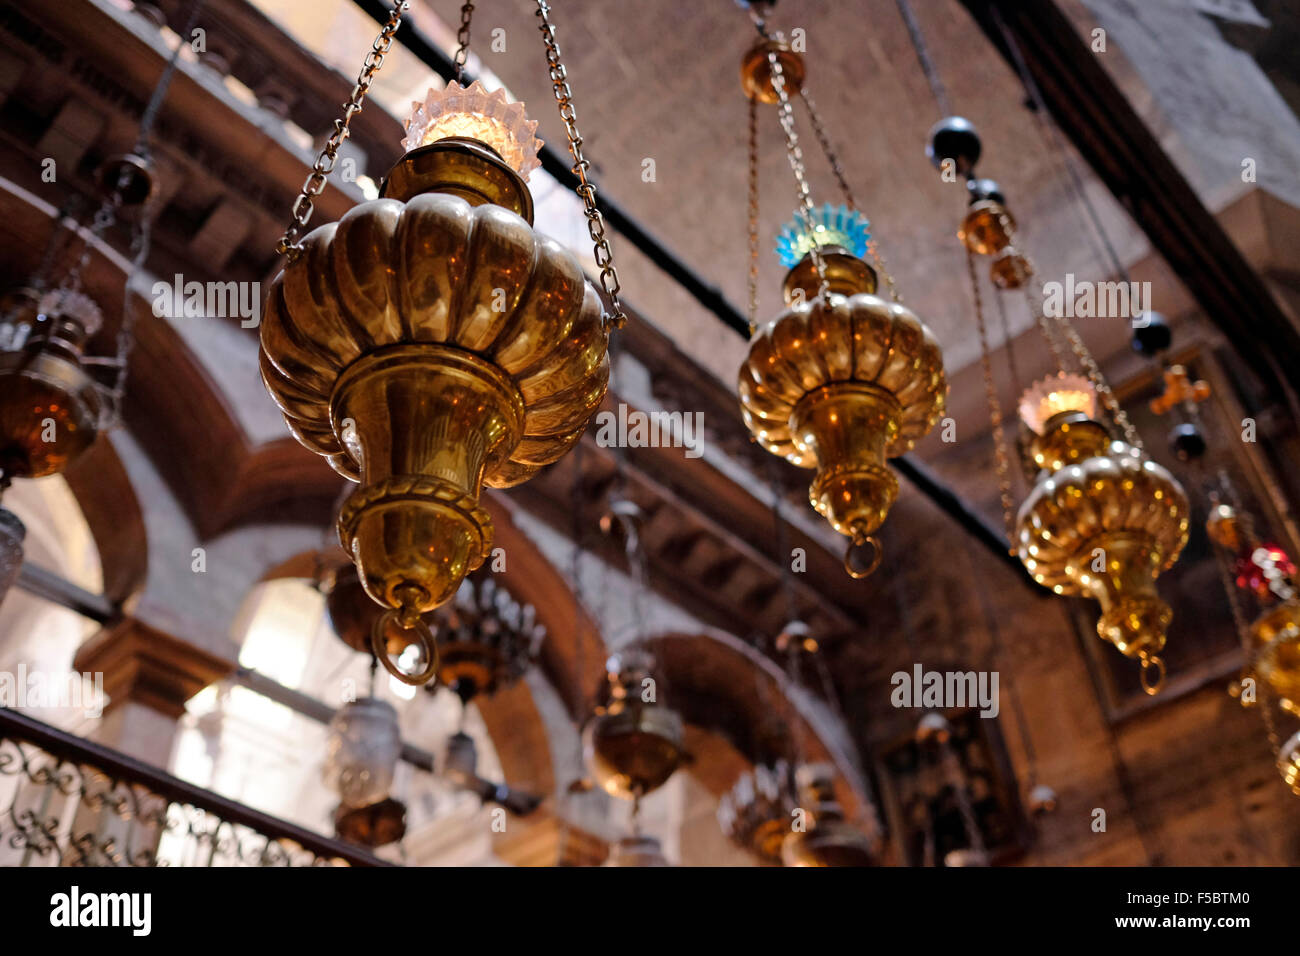 Lampade la decorazione della cupola della Rotonda della chiesa del Santo Sepolcro nella città vecchia di Gerusalemme Immagini Stock